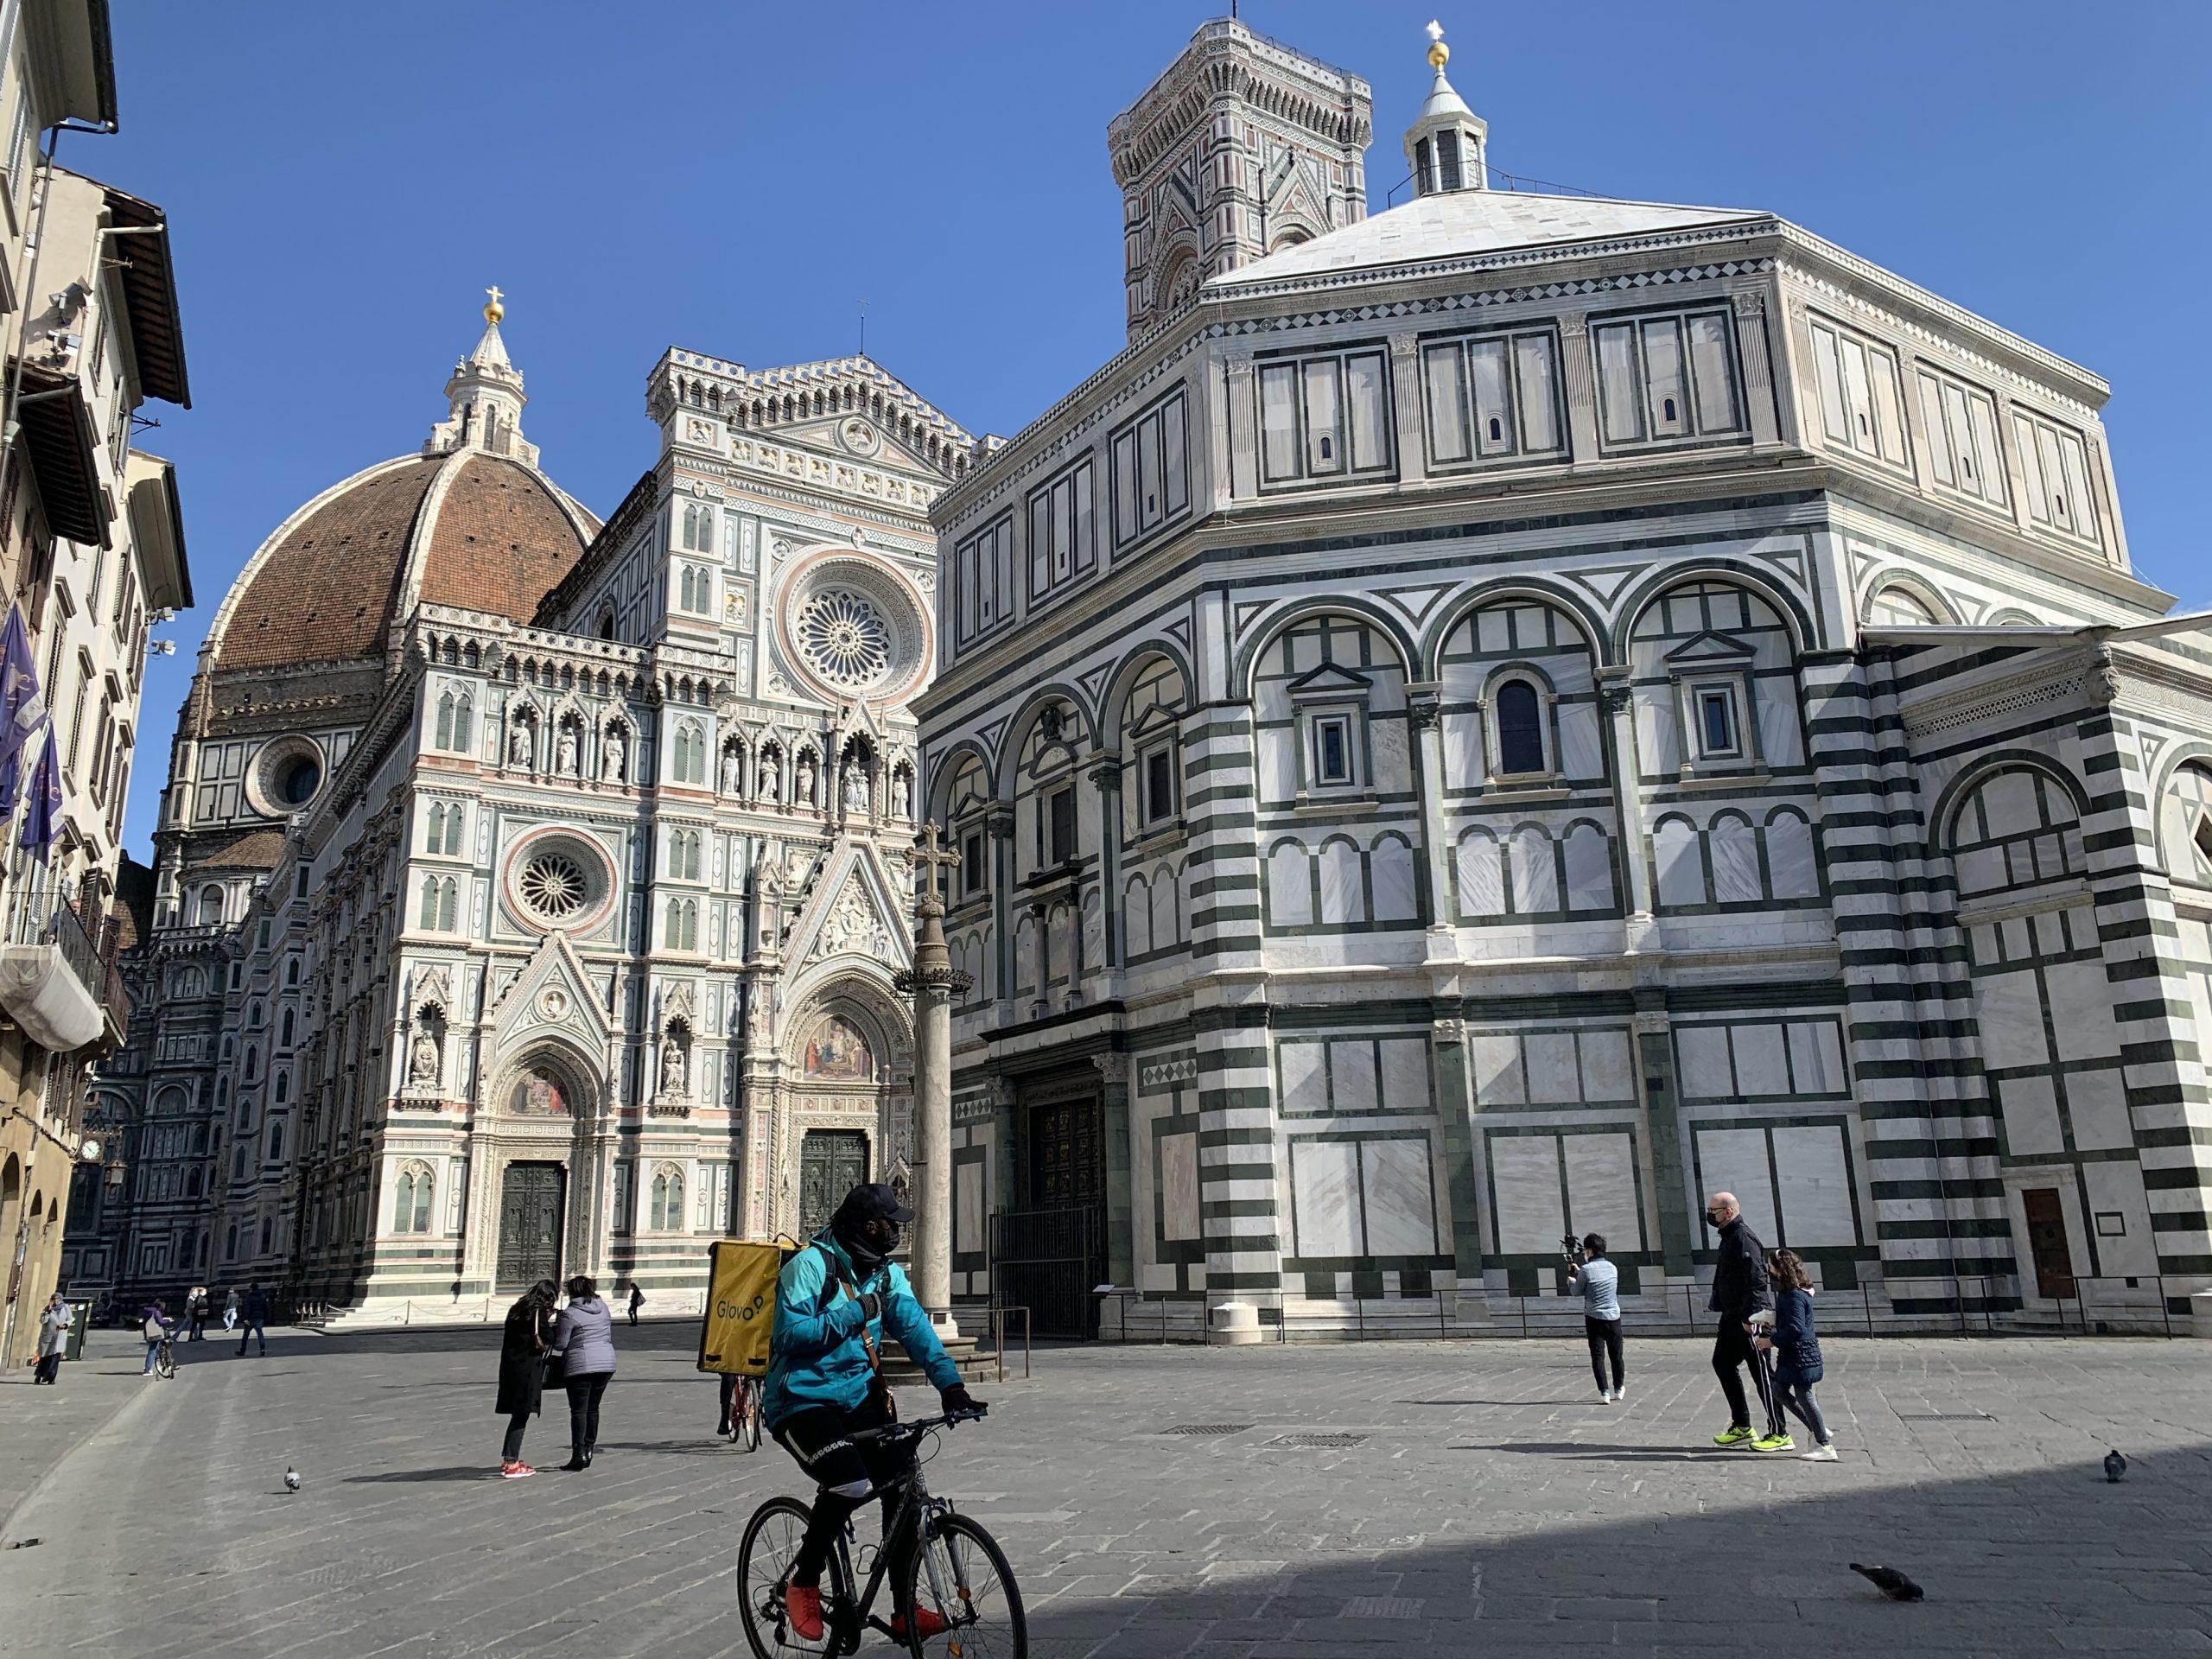 Firenze 2021: Rigenerazione, non Rinascimento